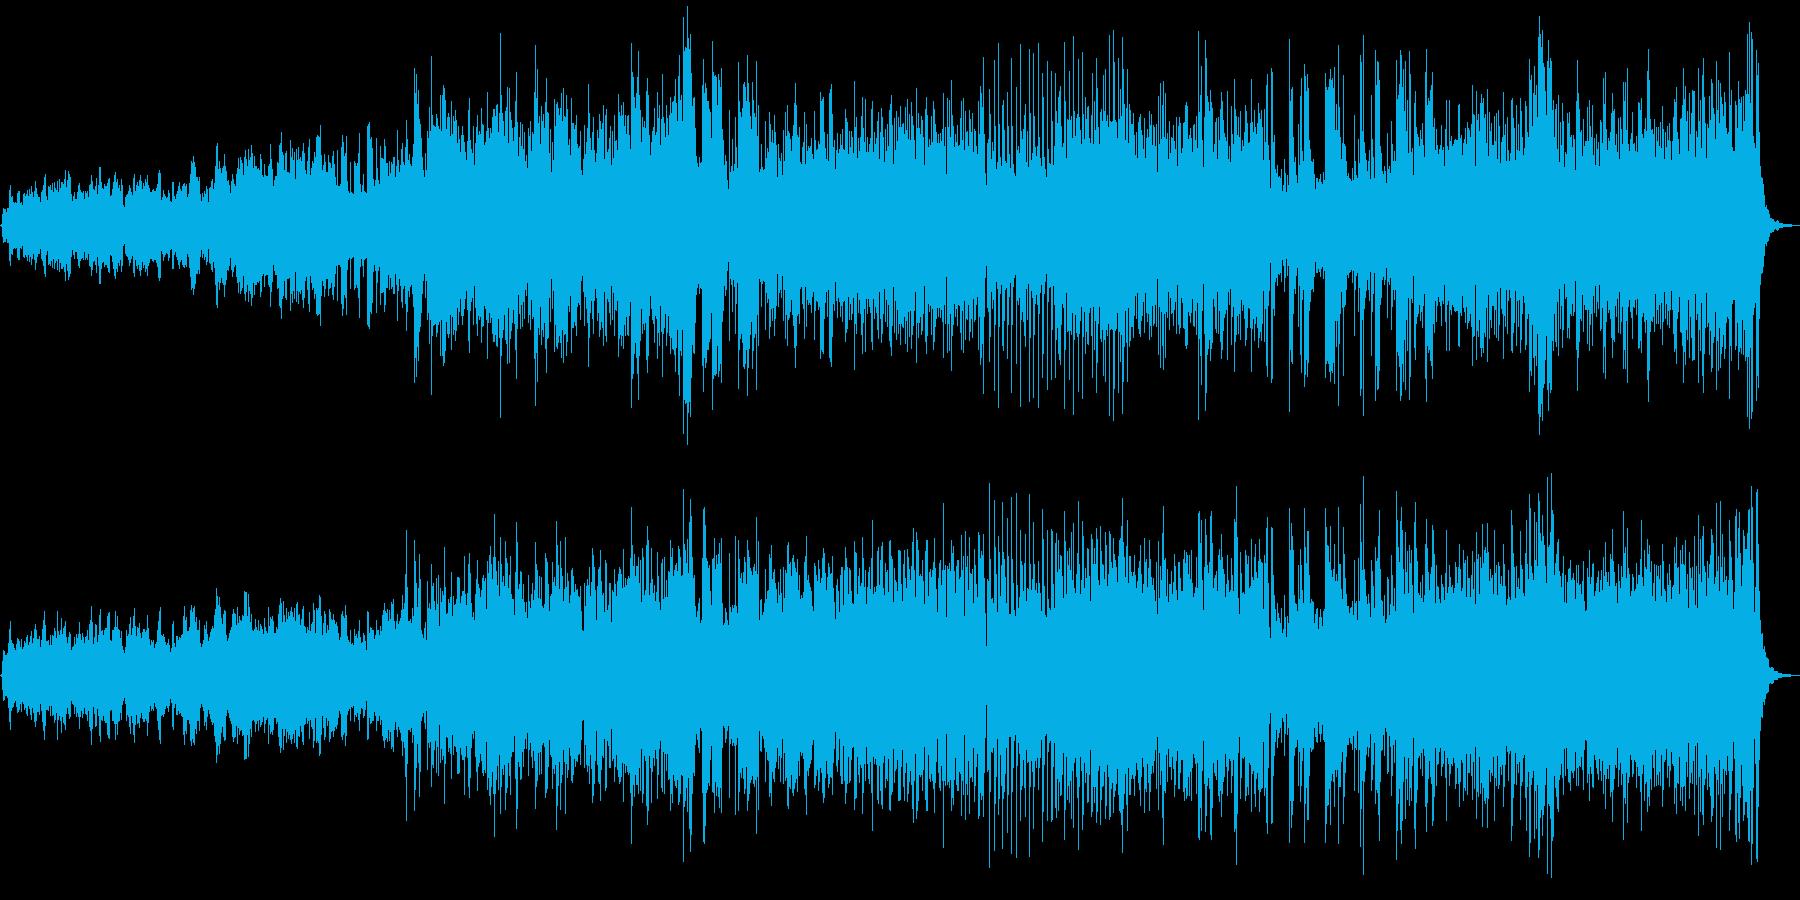 アイスランド民謡を生ヴァイオリンで<2>の再生済みの波形